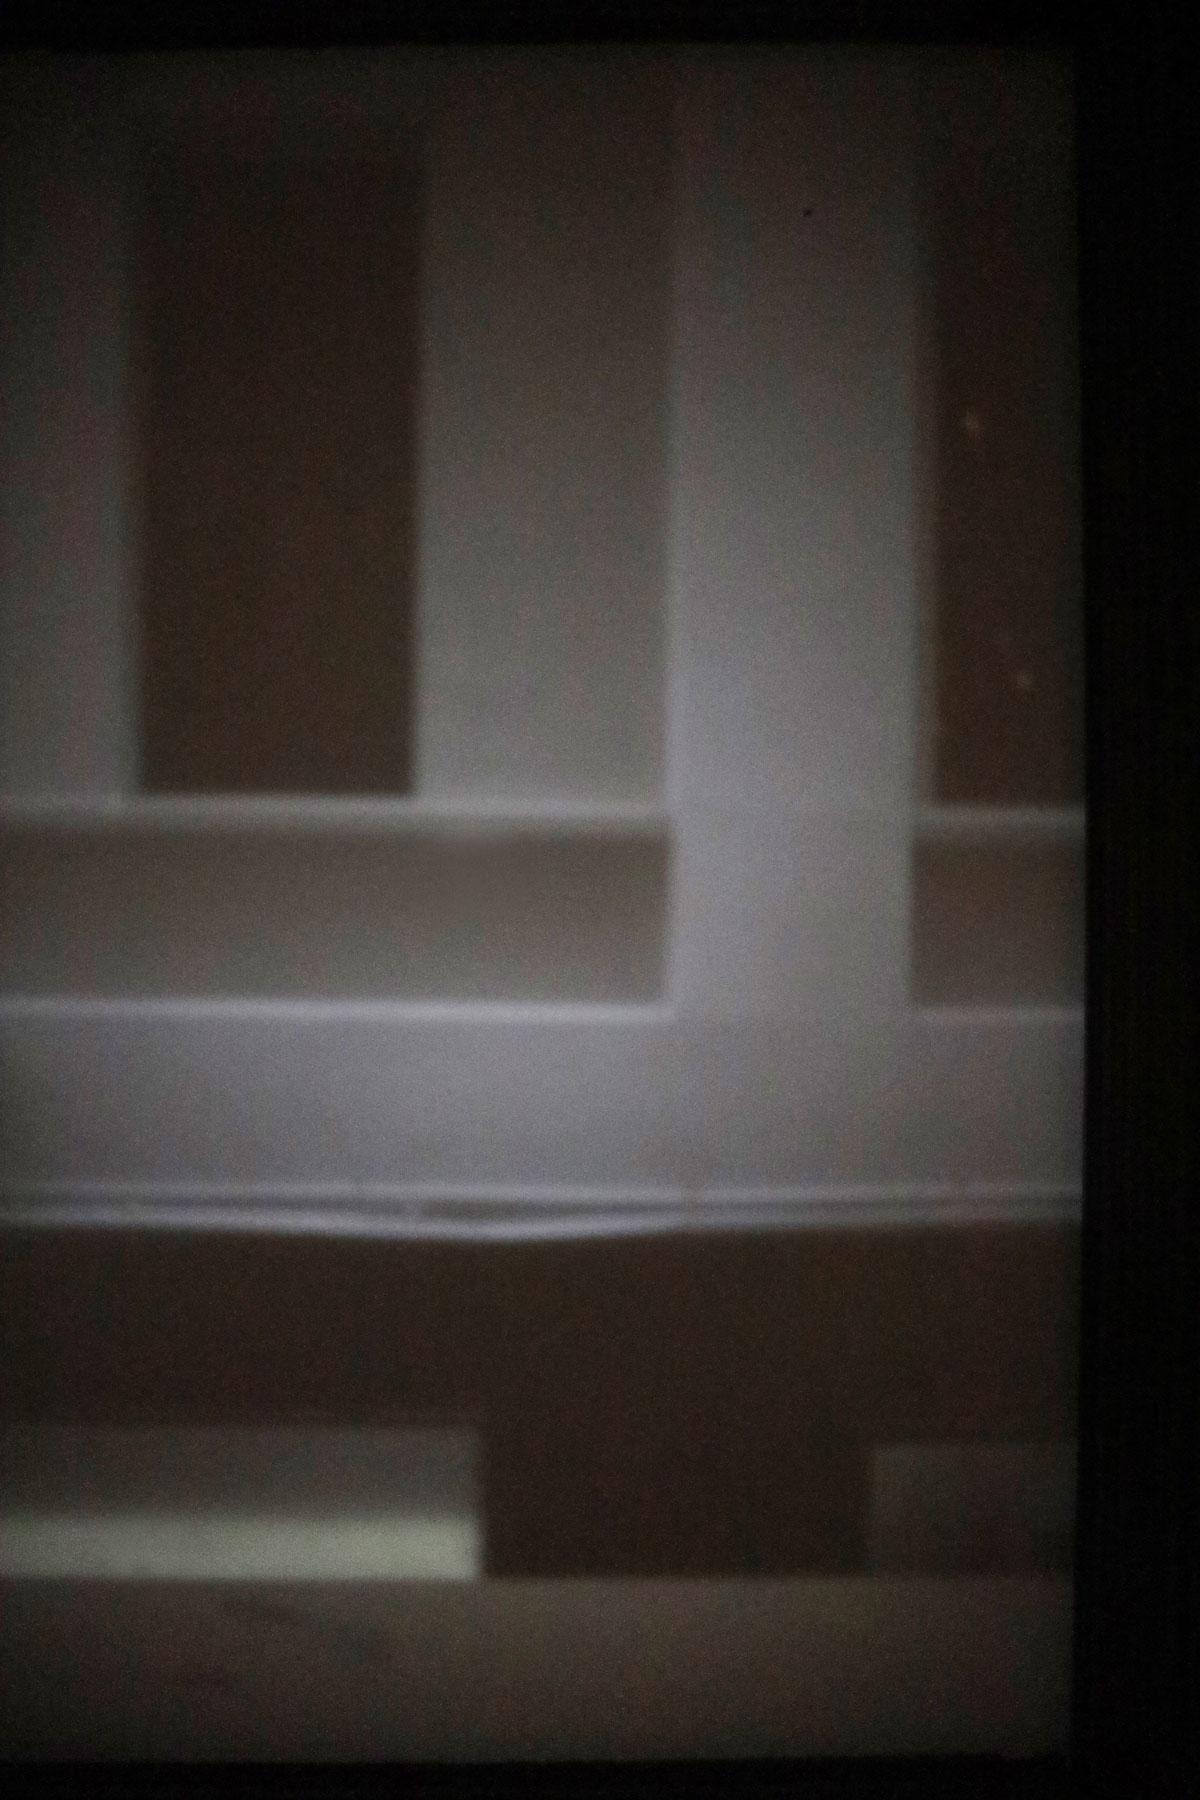 12 | new zealand series | 2020 | Camera Obscura | Pigmentdruck auf Alu-Dibond